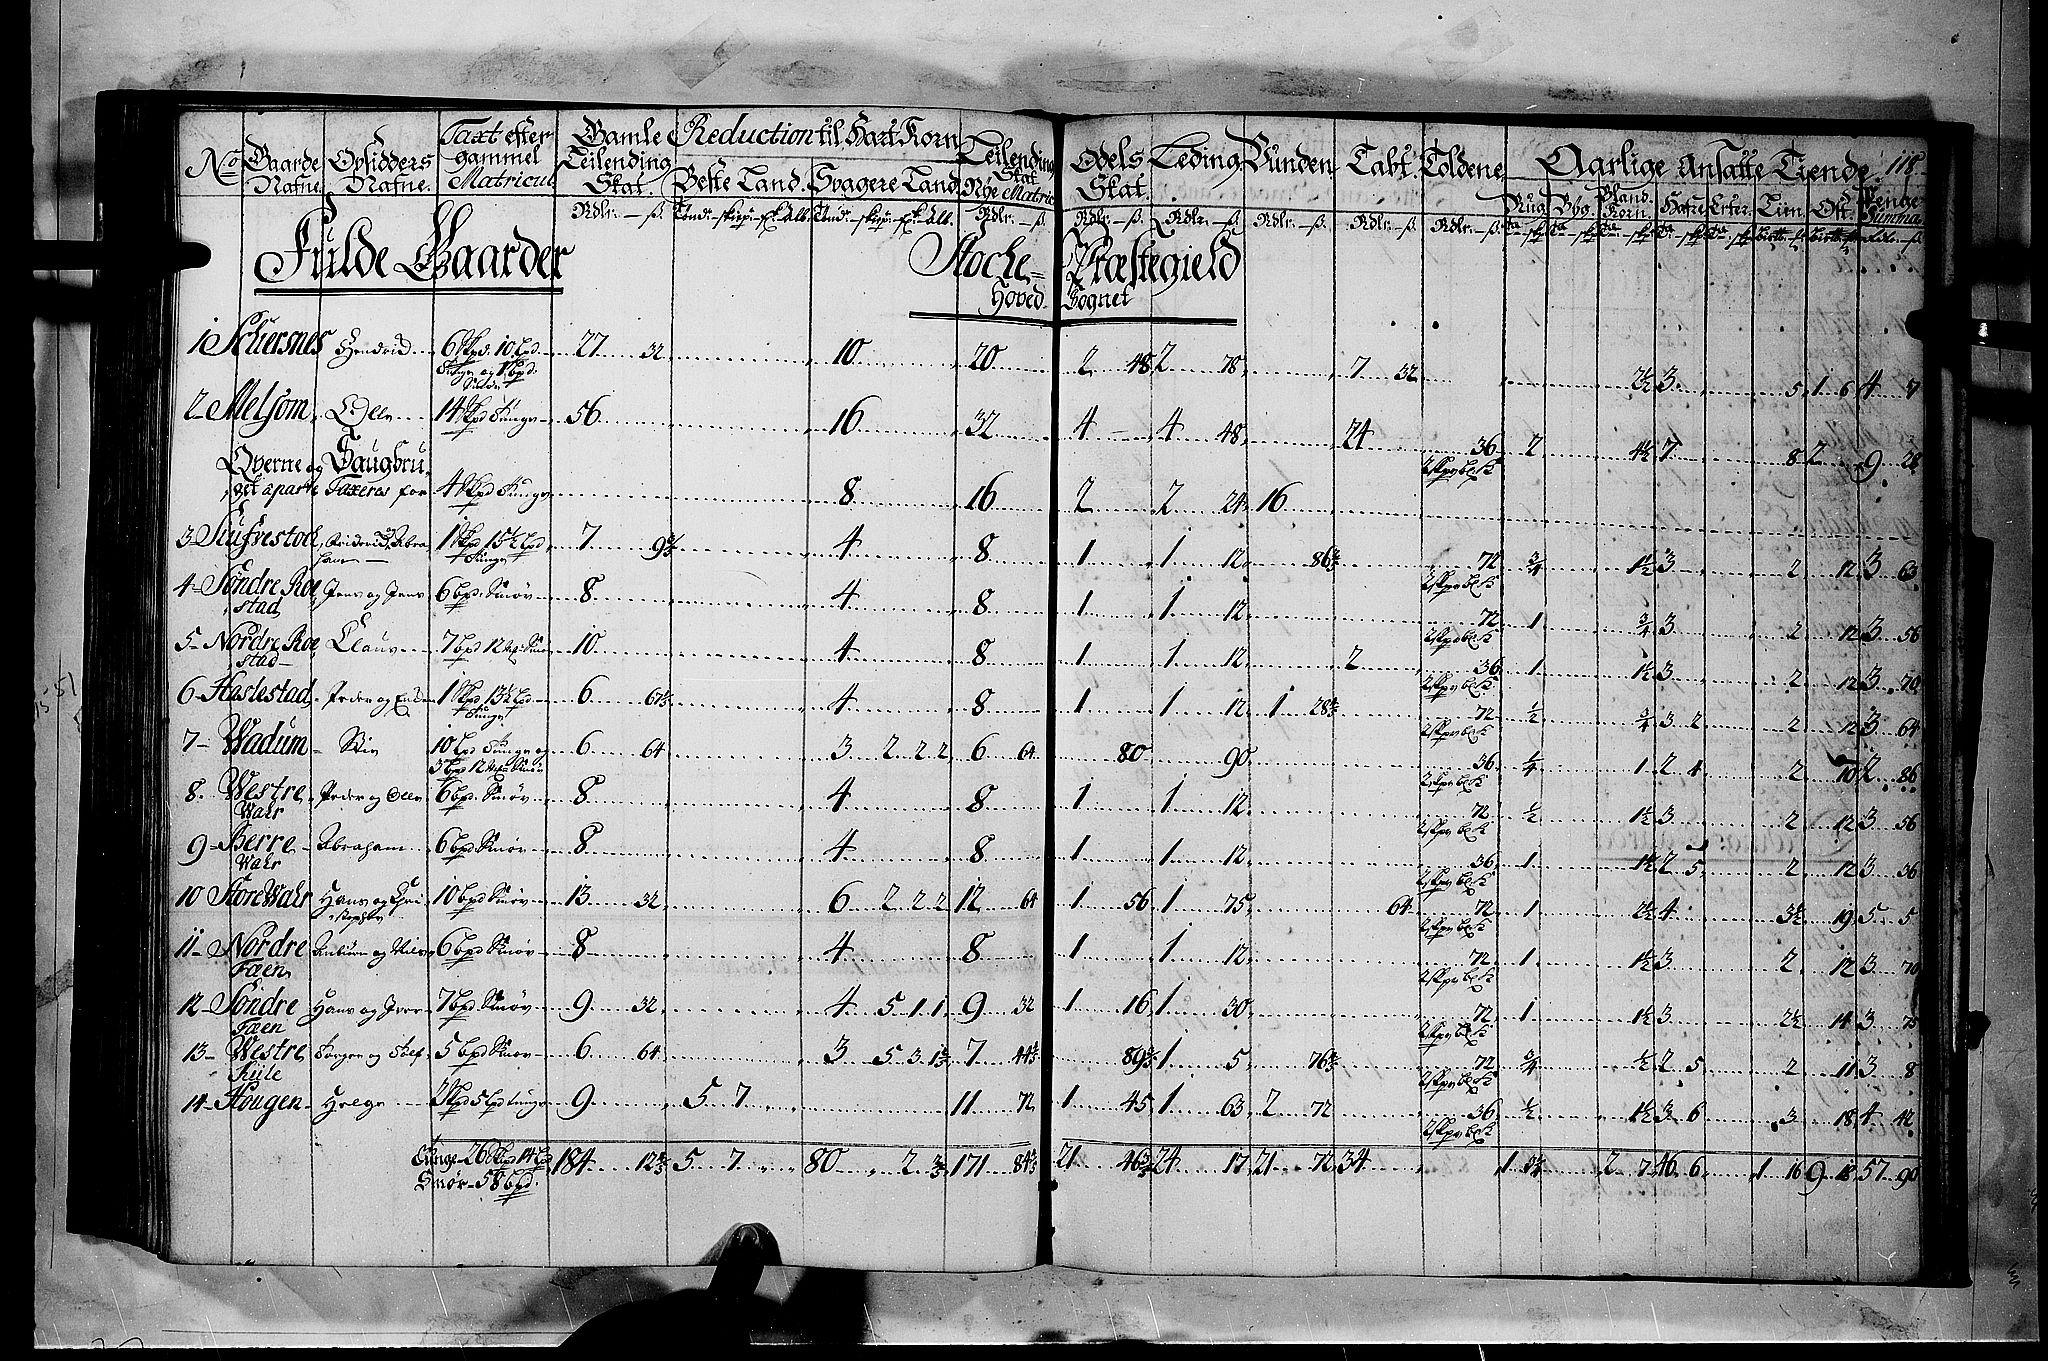 RA, Rentekammeret inntil 1814, Realistisk ordnet avdeling, N/Nb/Nbf/L0116: Jarlsberg grevskap matrikkelprotokoll, 1723, s. 117b-118a